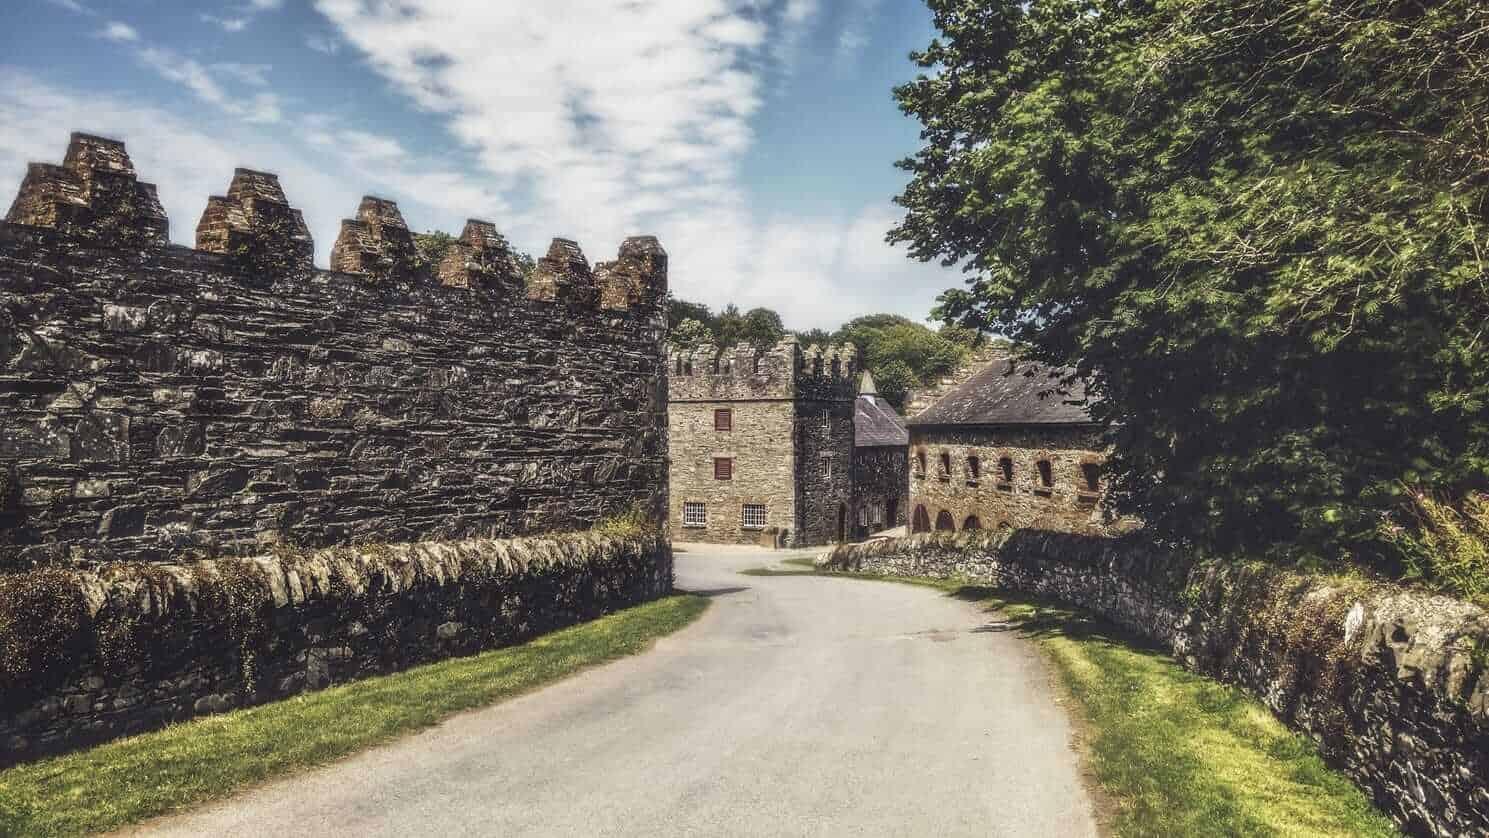 Game of Thrones Locations - Castle Ward, Ireland